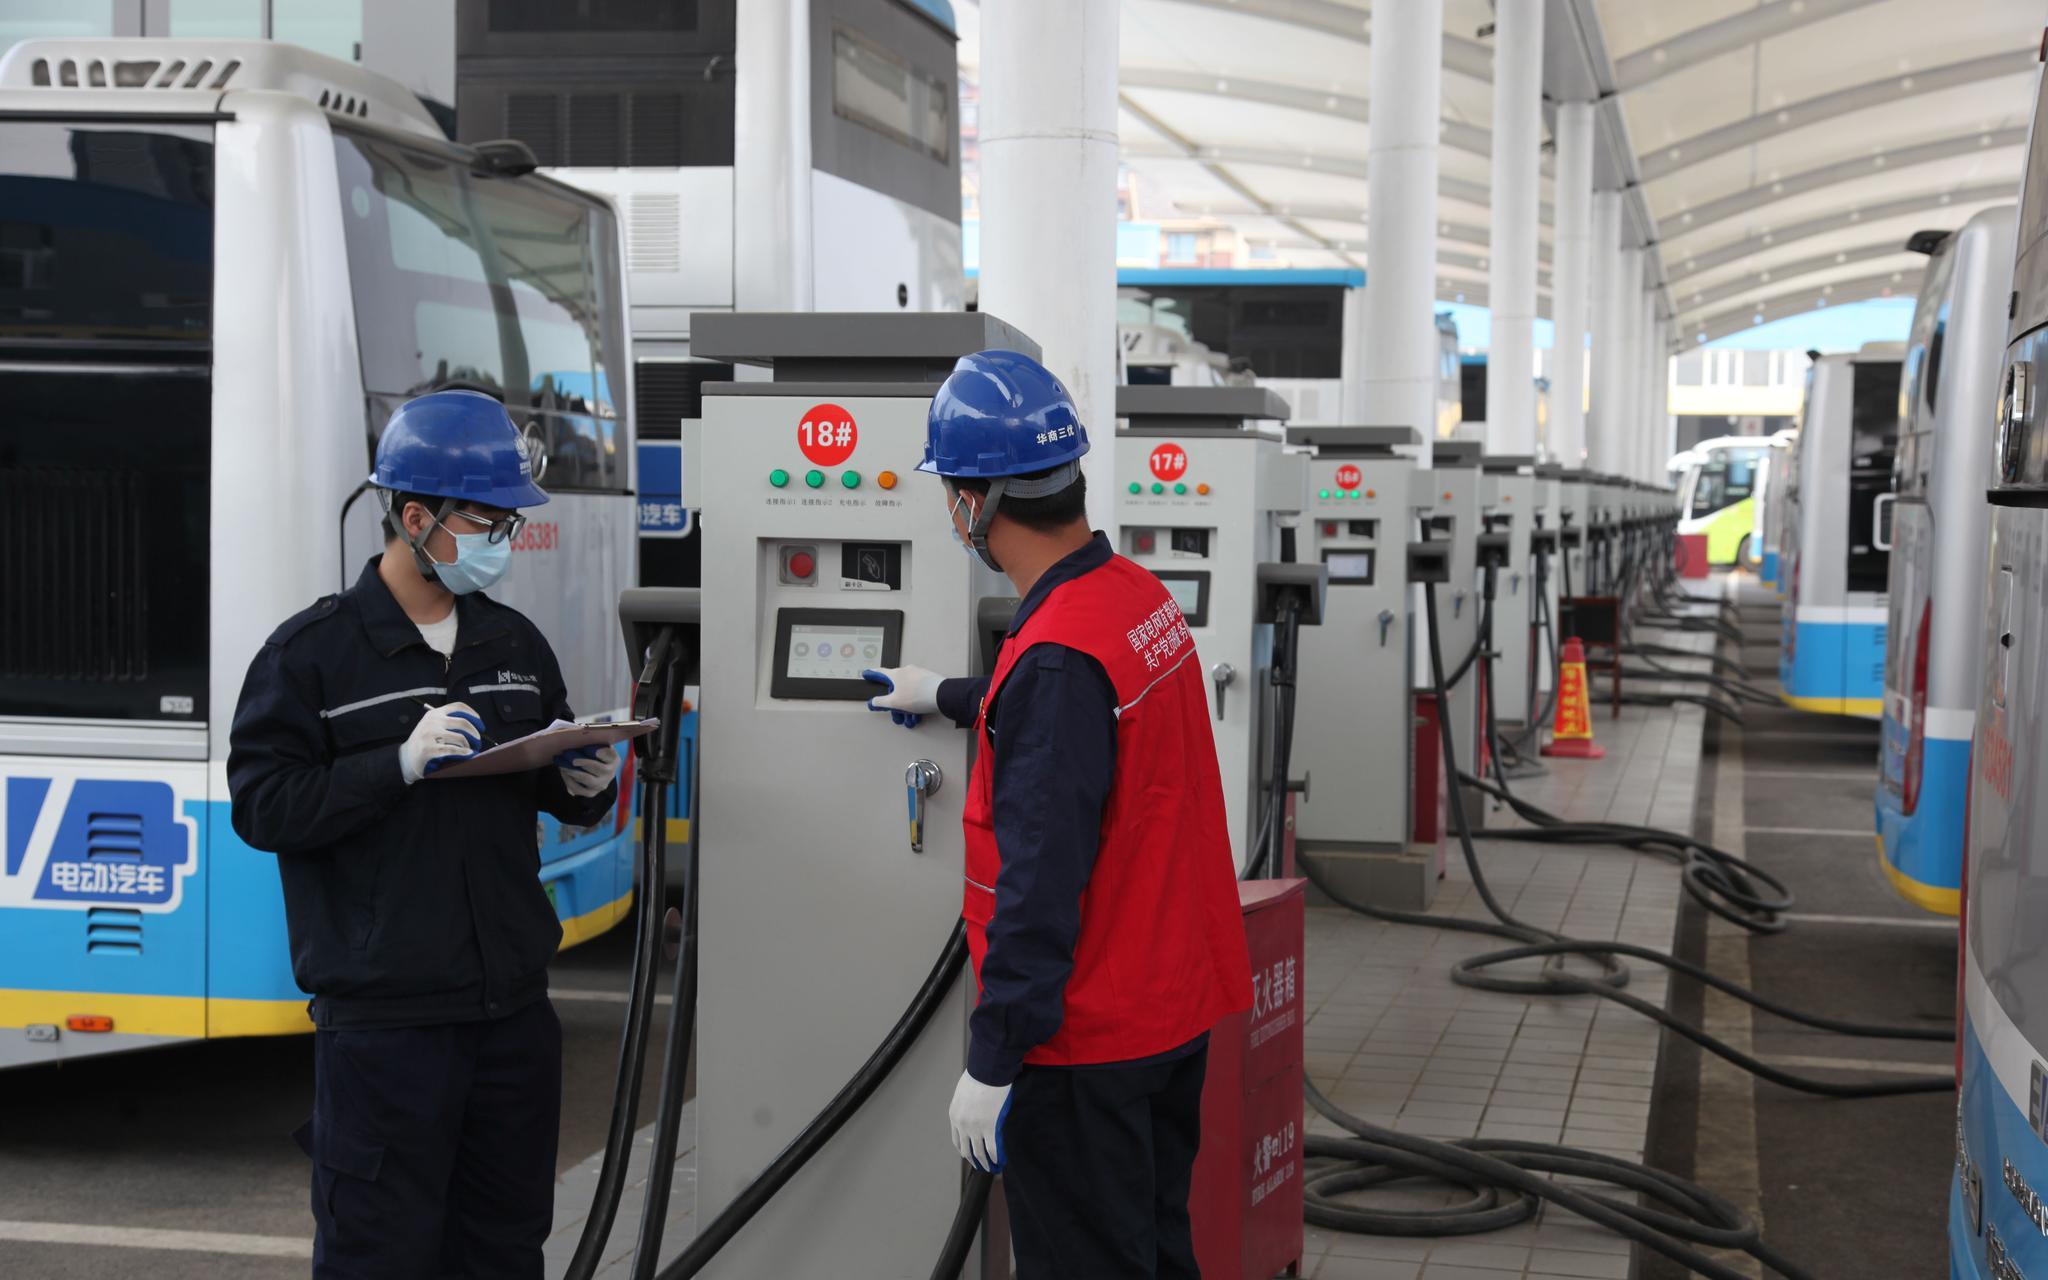 2819个新能源汽车充电桩今年落地北京,覆盖这些地方图片